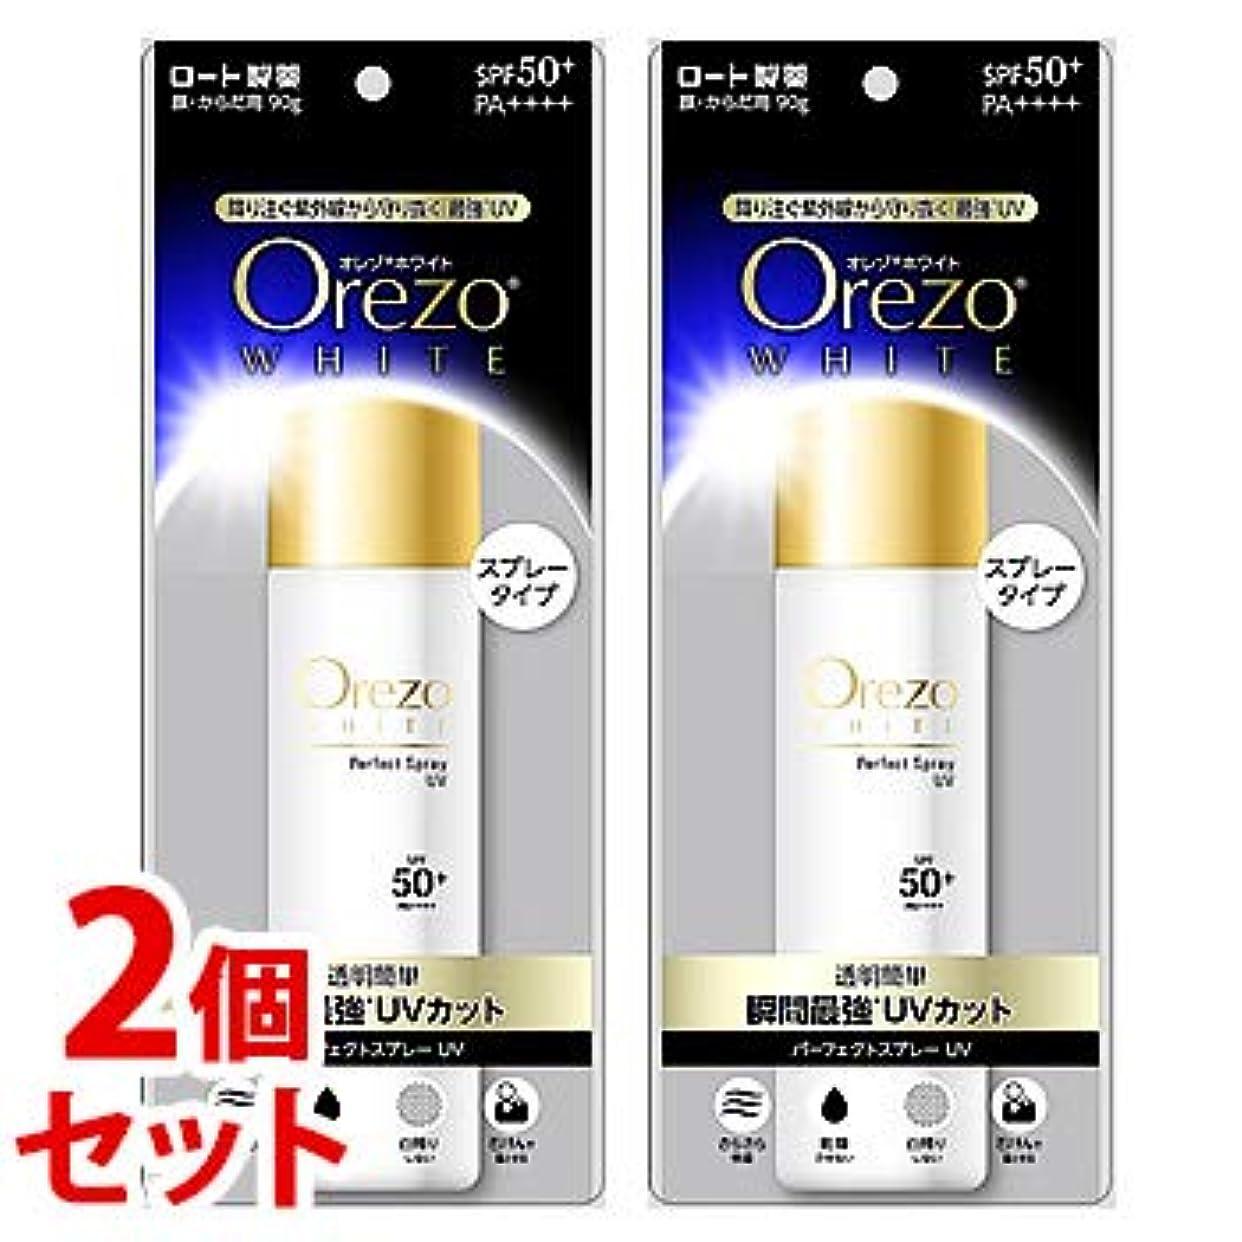 クラッチ使い込むリスキーな《セット販売》 ロート製薬 Orezo オレゾ ホワイト パーフェクトスプレーUV SPF50+ PA++++ (90g)×2個セット 顔?からだ用 日やけ止め スプレータイプ